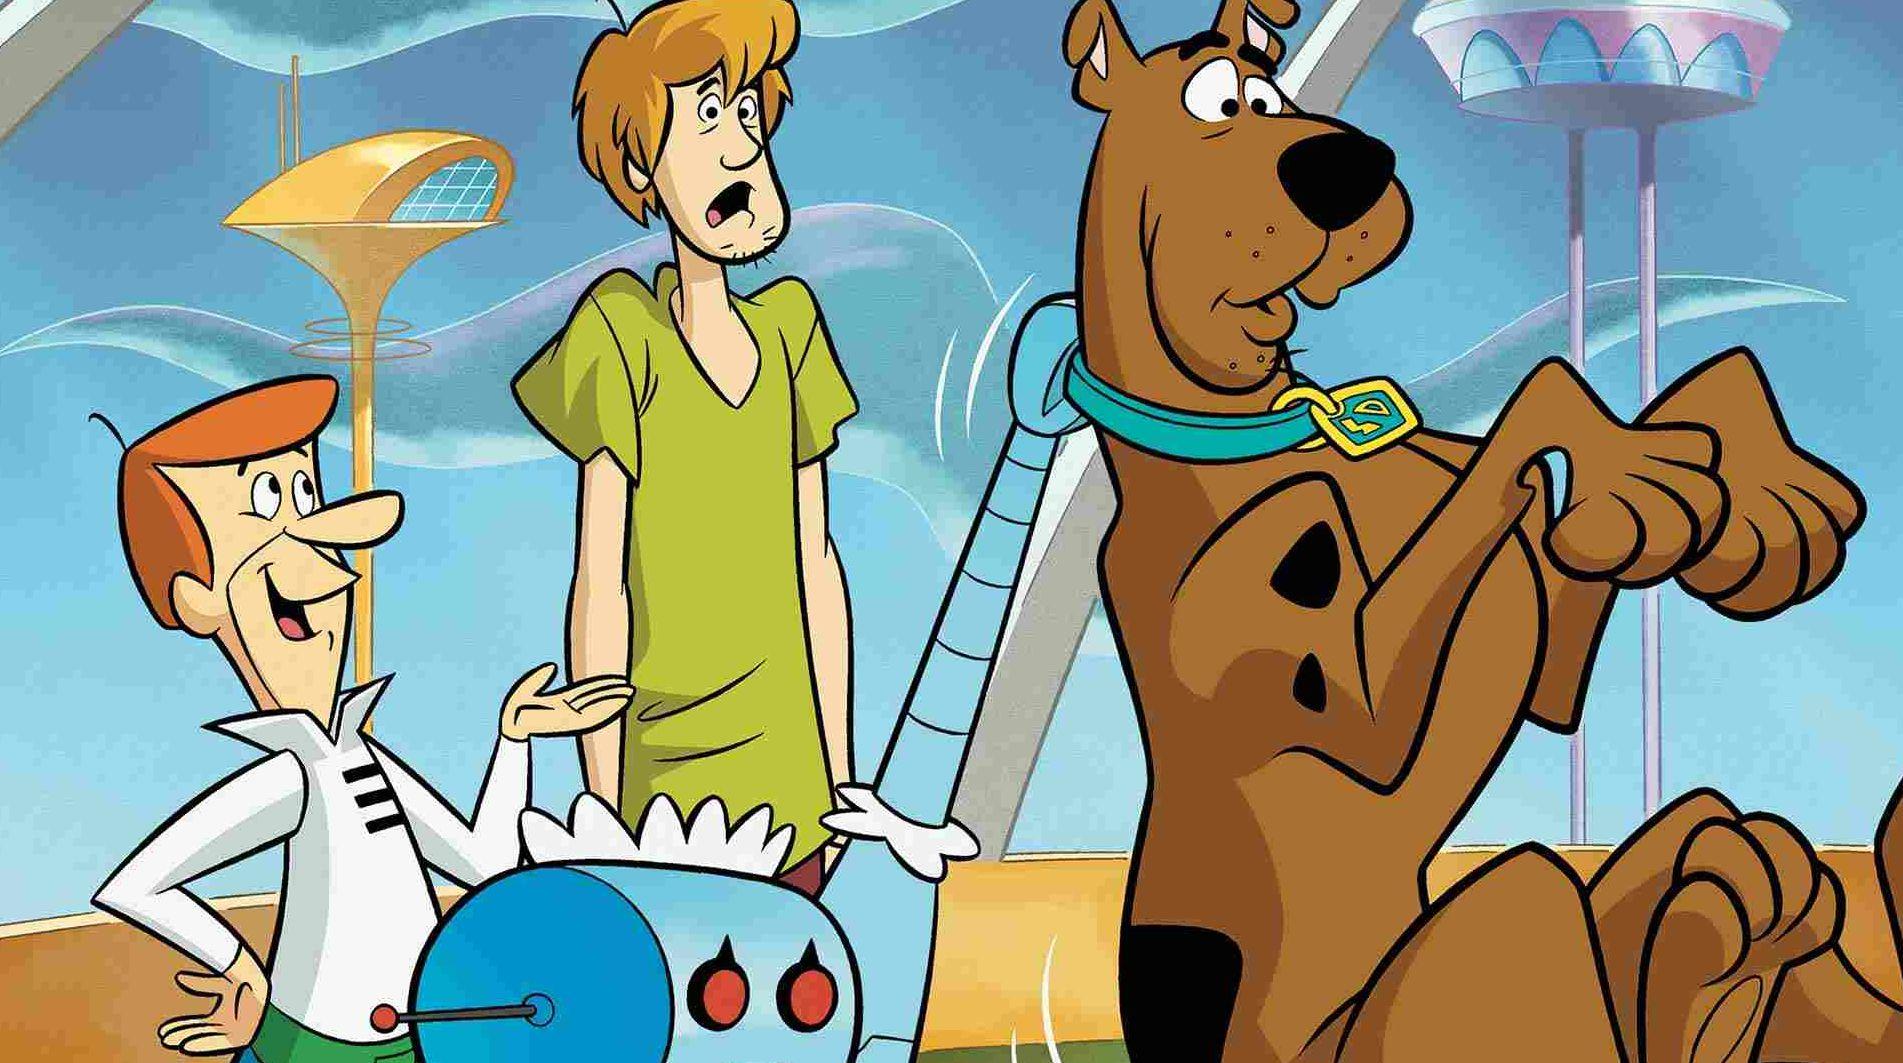 The Flintstones - Drawception |Scooby Doo Meets The Flintstones